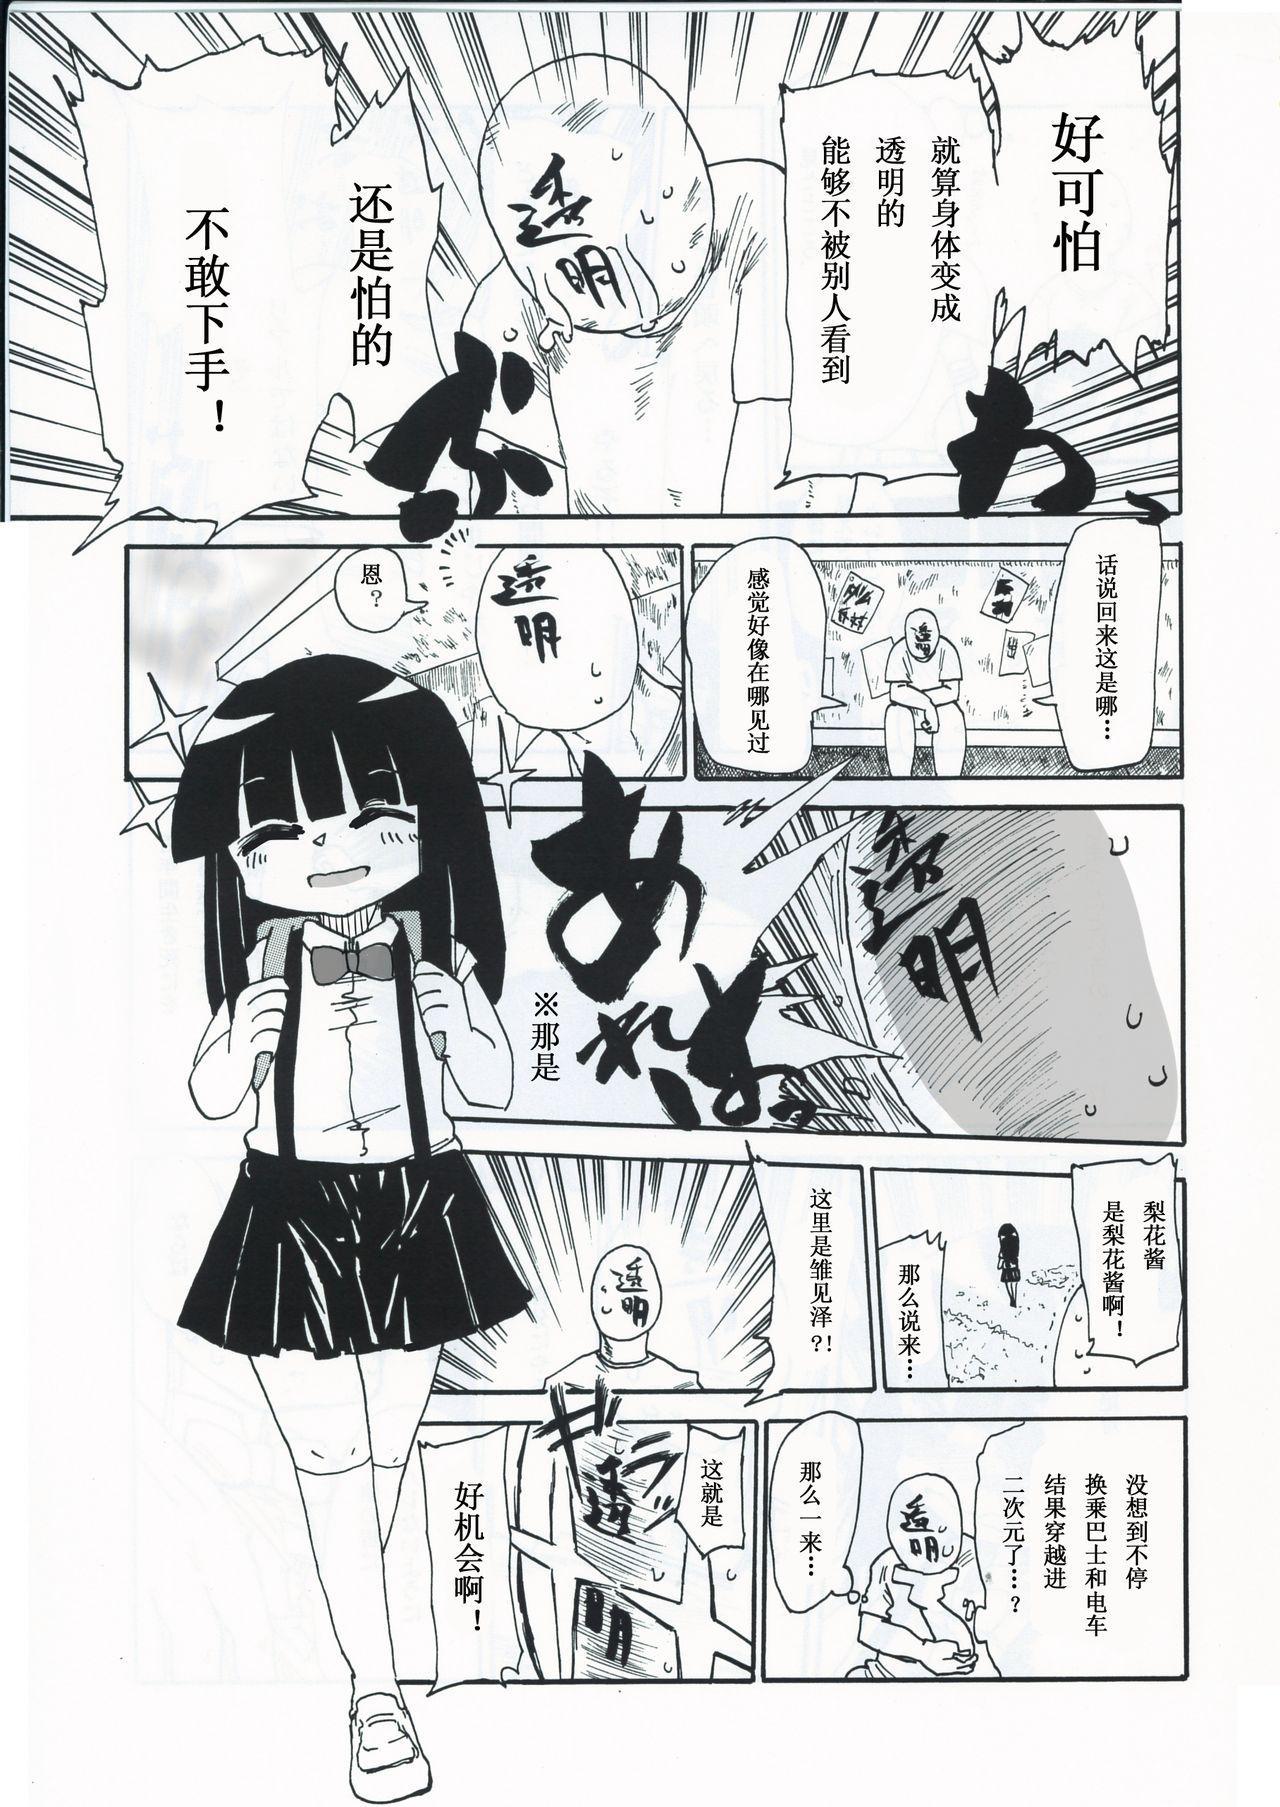 Kiki Kaikai! | 奇奇怪怪 4